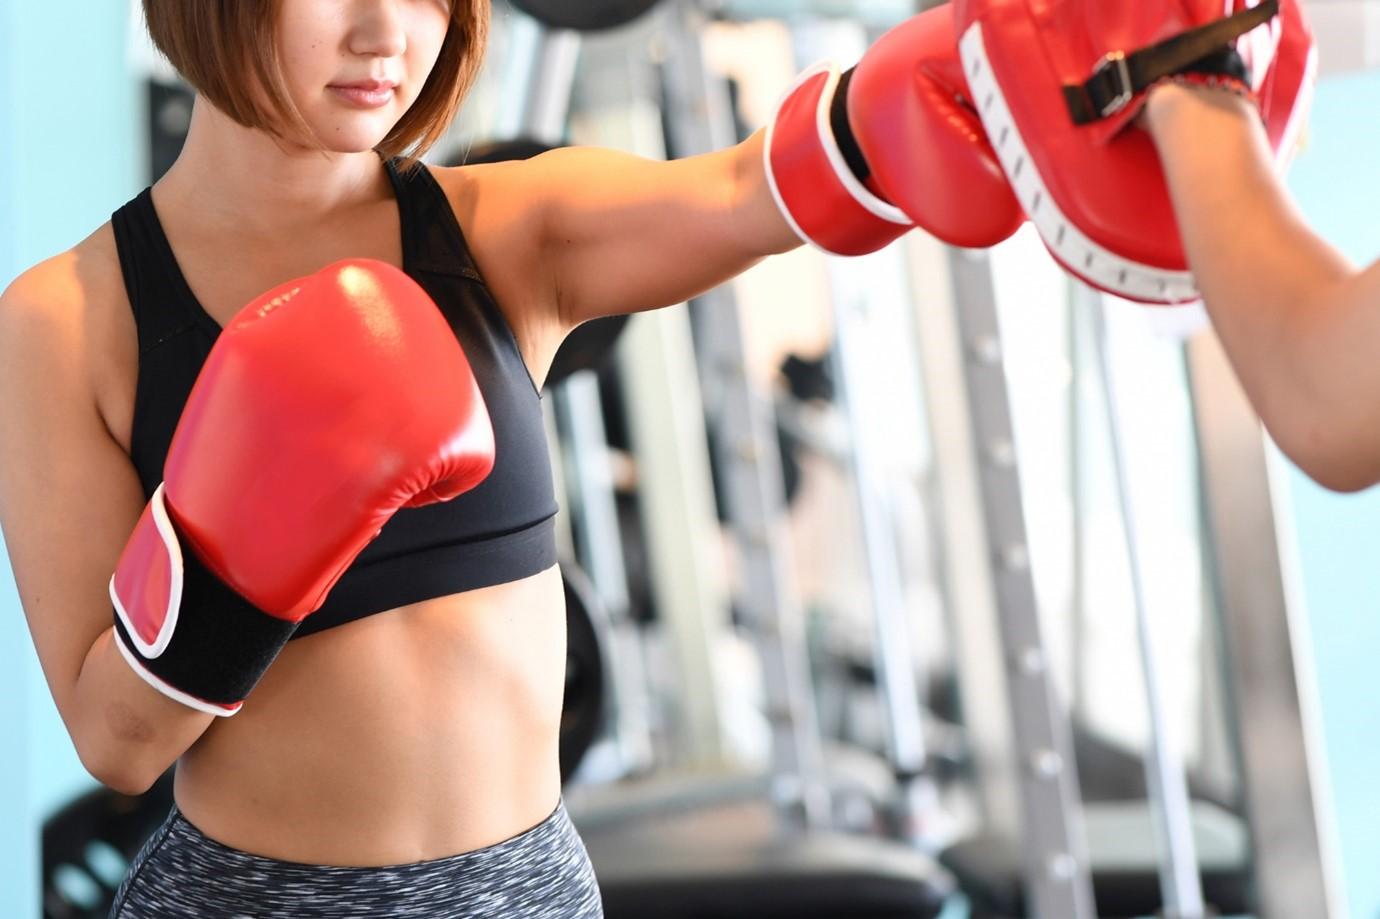 生理中にキックボクシングをしても大丈夫?生理中のダイエットの注意点についても紹介画像5